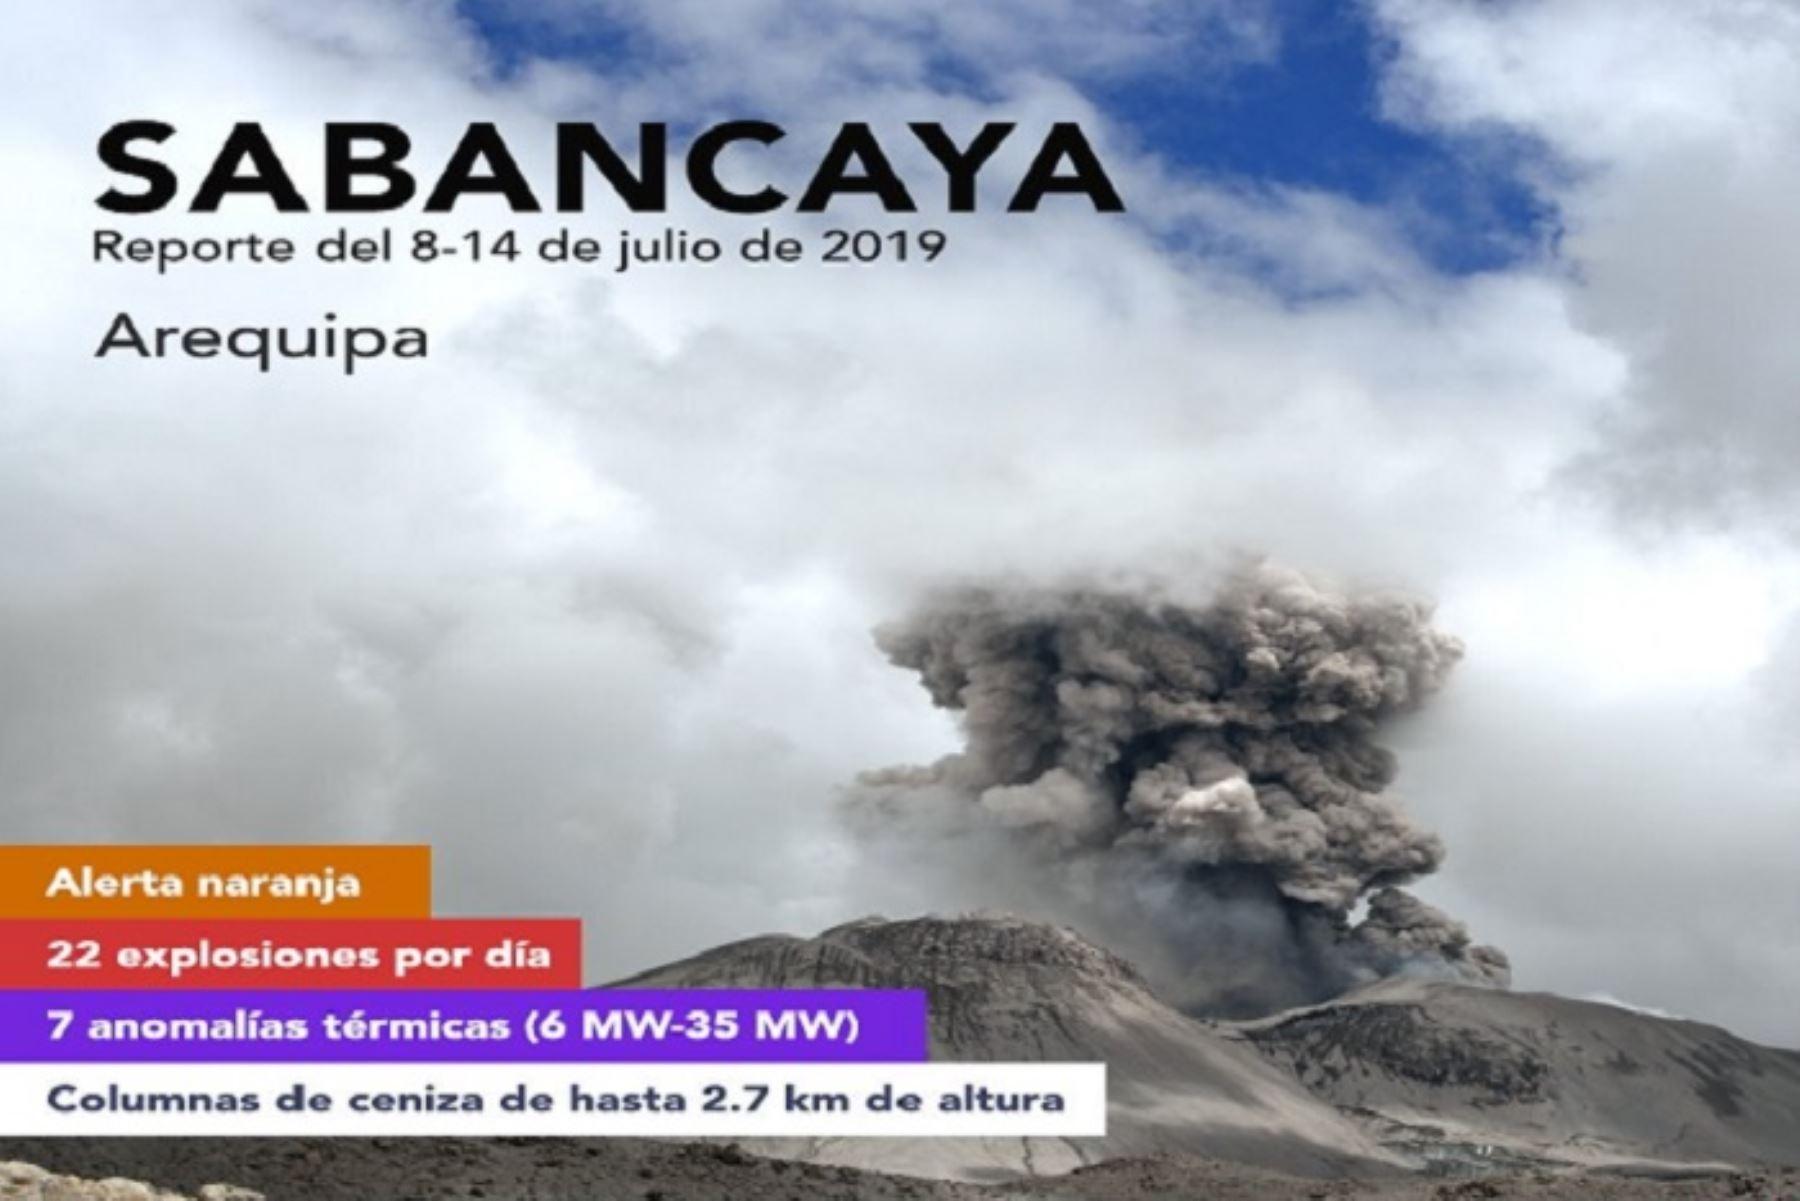 La actividad eruptiva del volcán Sabancaya, ubicado en Arequipa, se mantiene en alerta naranja y en niveles moderados, con un promedio de 22 explosiones diarias de baja intensidad, de acuerdo al monitoreo de este macizo correspondiente a la semana del 8 al 14 de julio, informó el Instituto Geofísico del Perú (IGP).